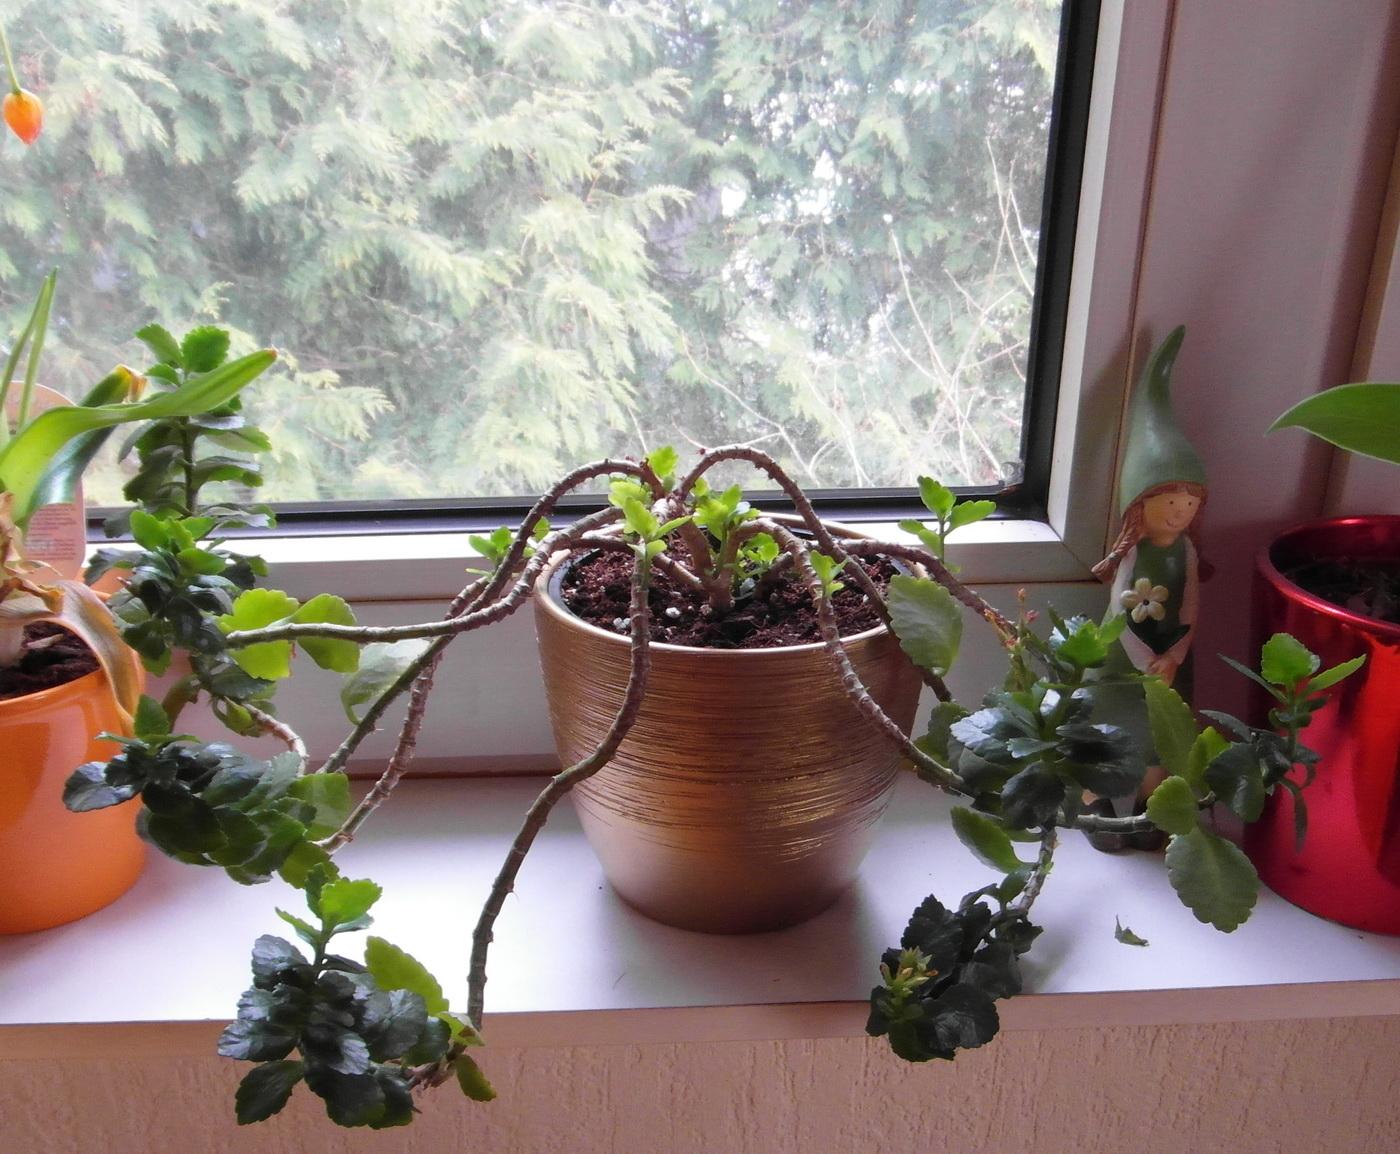 arifs gartenwelt flammendes k thchen zimmerpflanzen. Black Bedroom Furniture Sets. Home Design Ideas